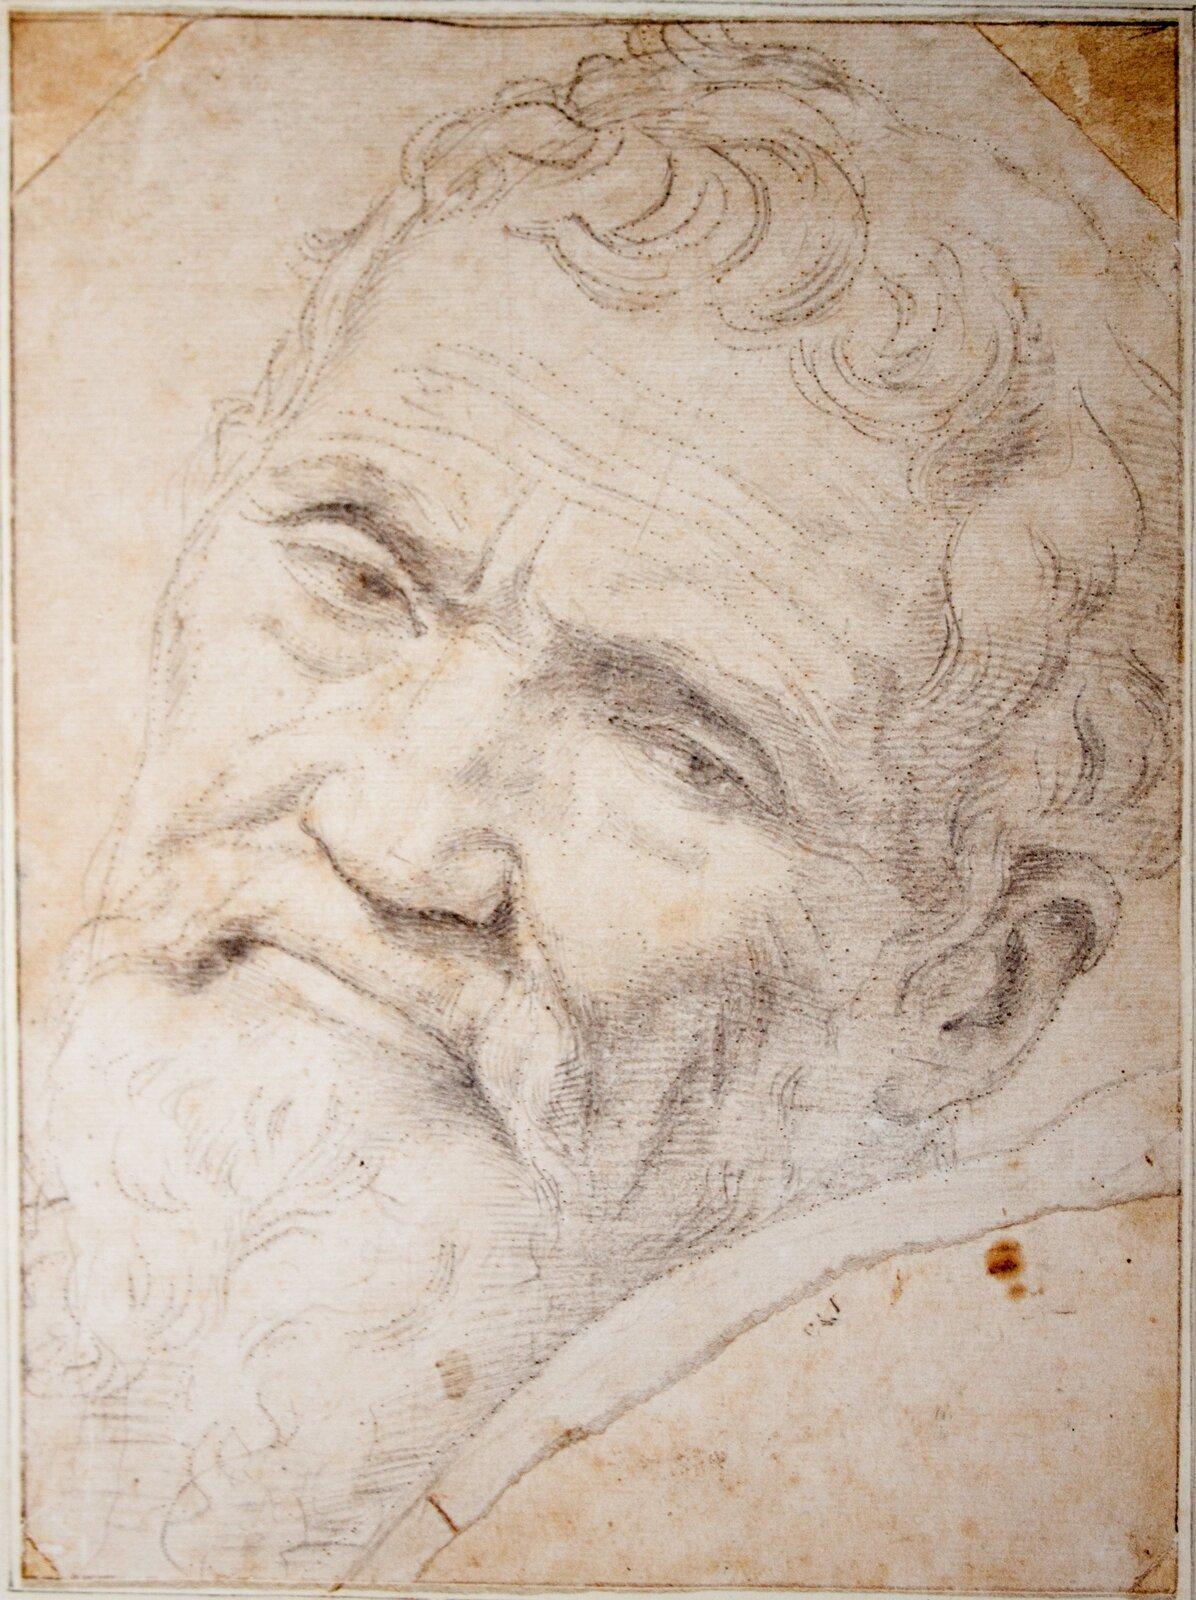 Portret Michała Anioła Rysunekucznia Michała Anioła -Daniele da Volterra Źródło: Daniele da Volterra, Portret Michała Anioła, Teylers Museum, domena publiczna.